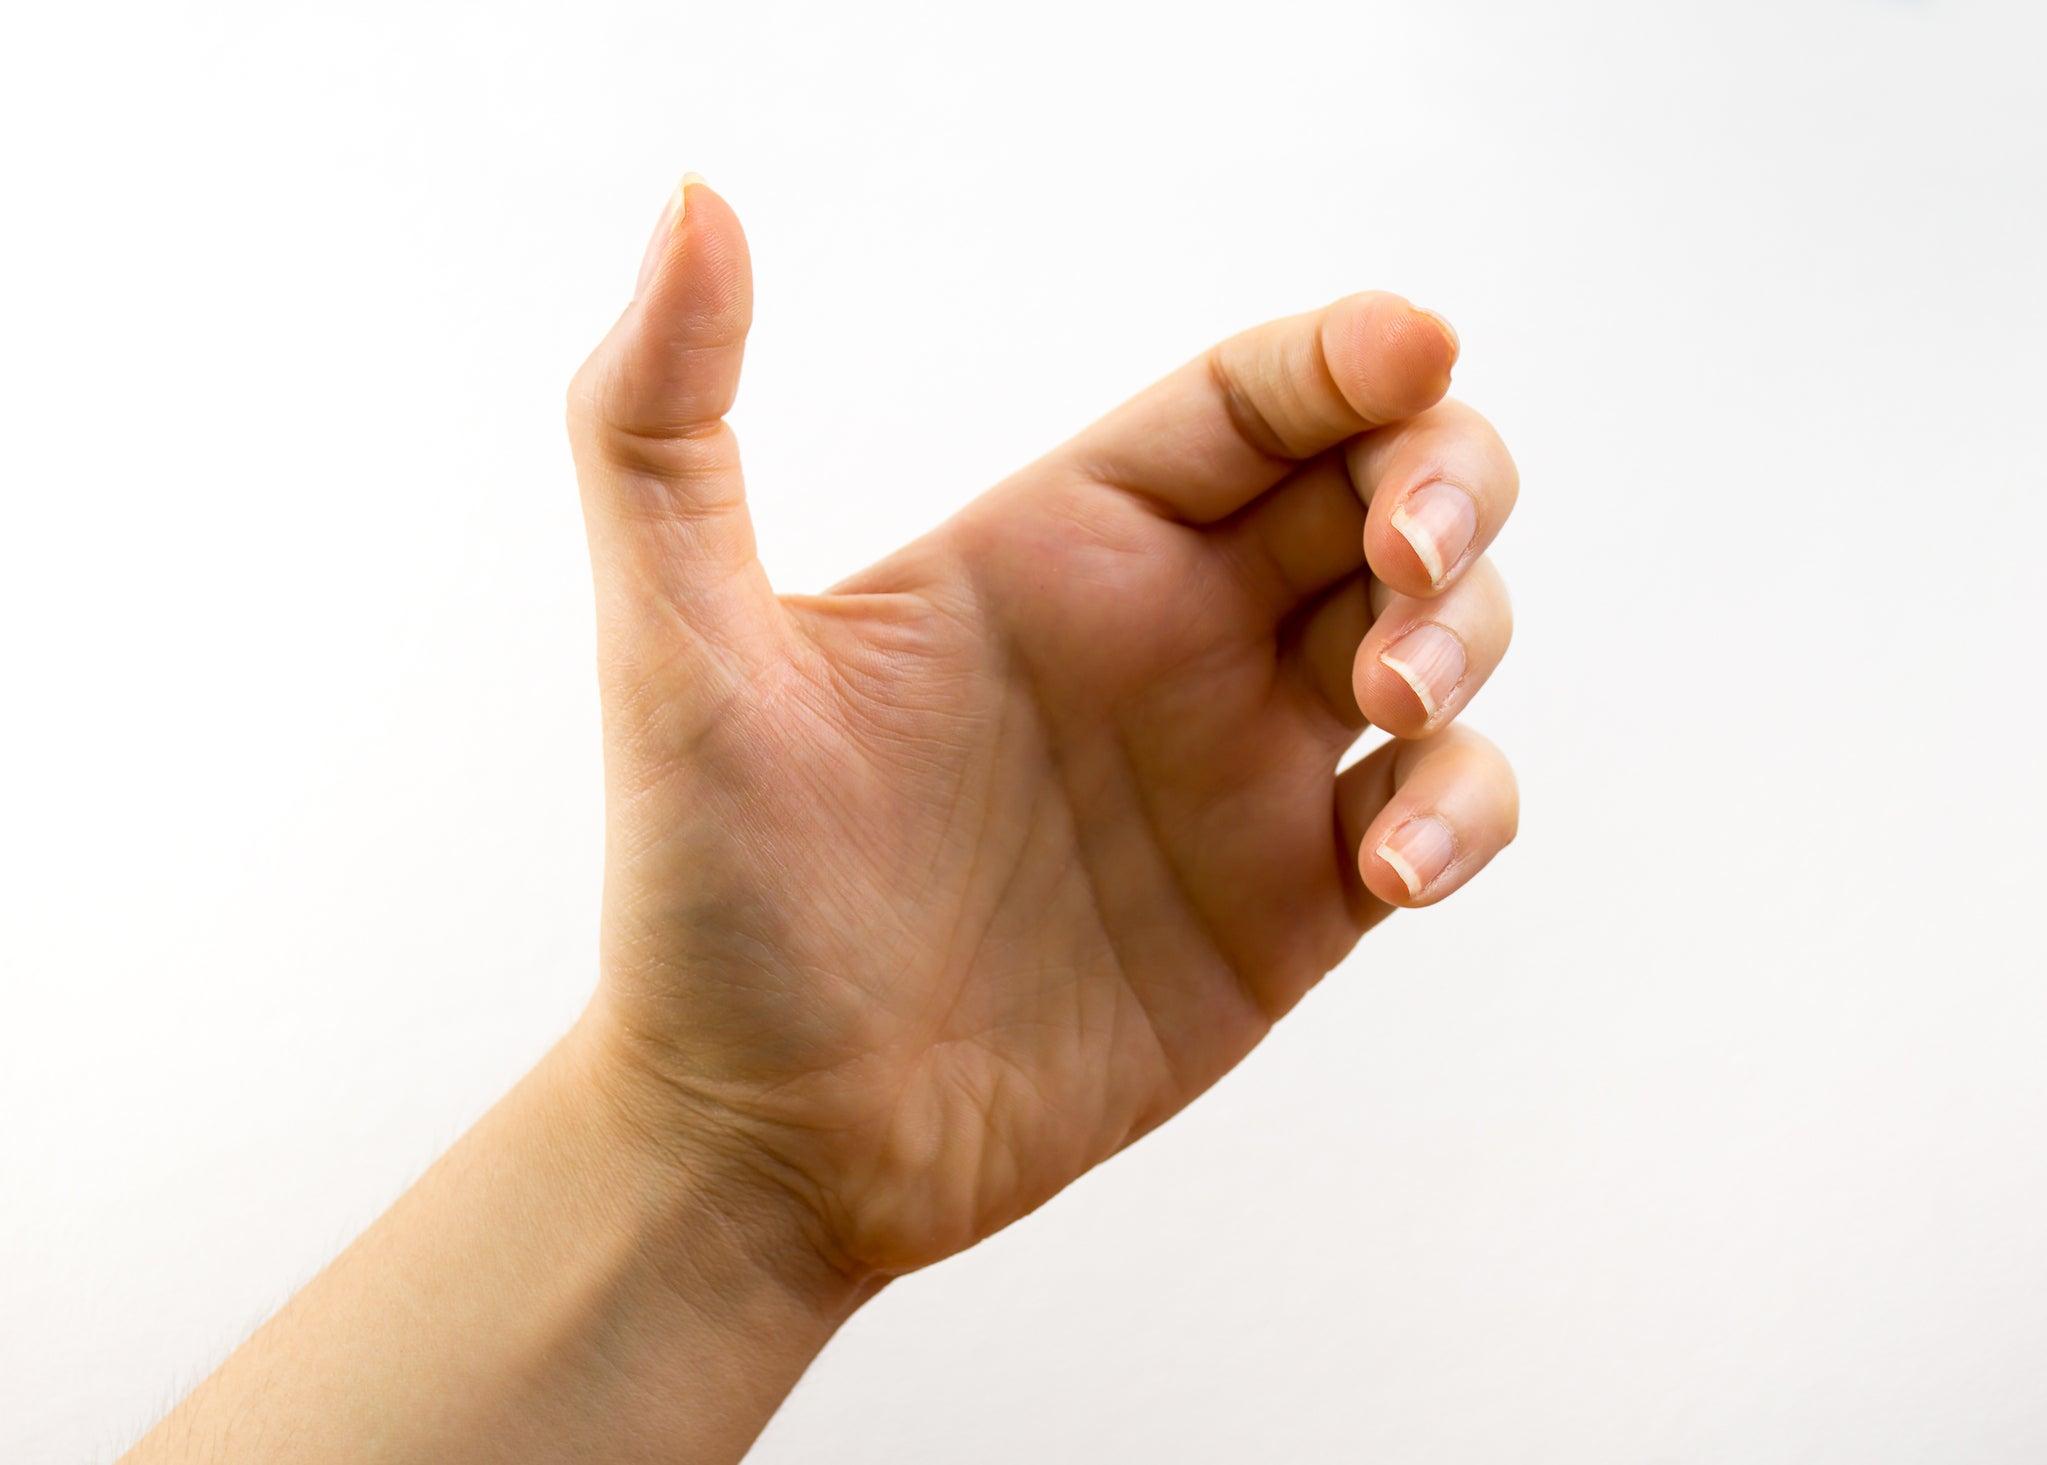 An empty hand cradles an imaginary cellphone.